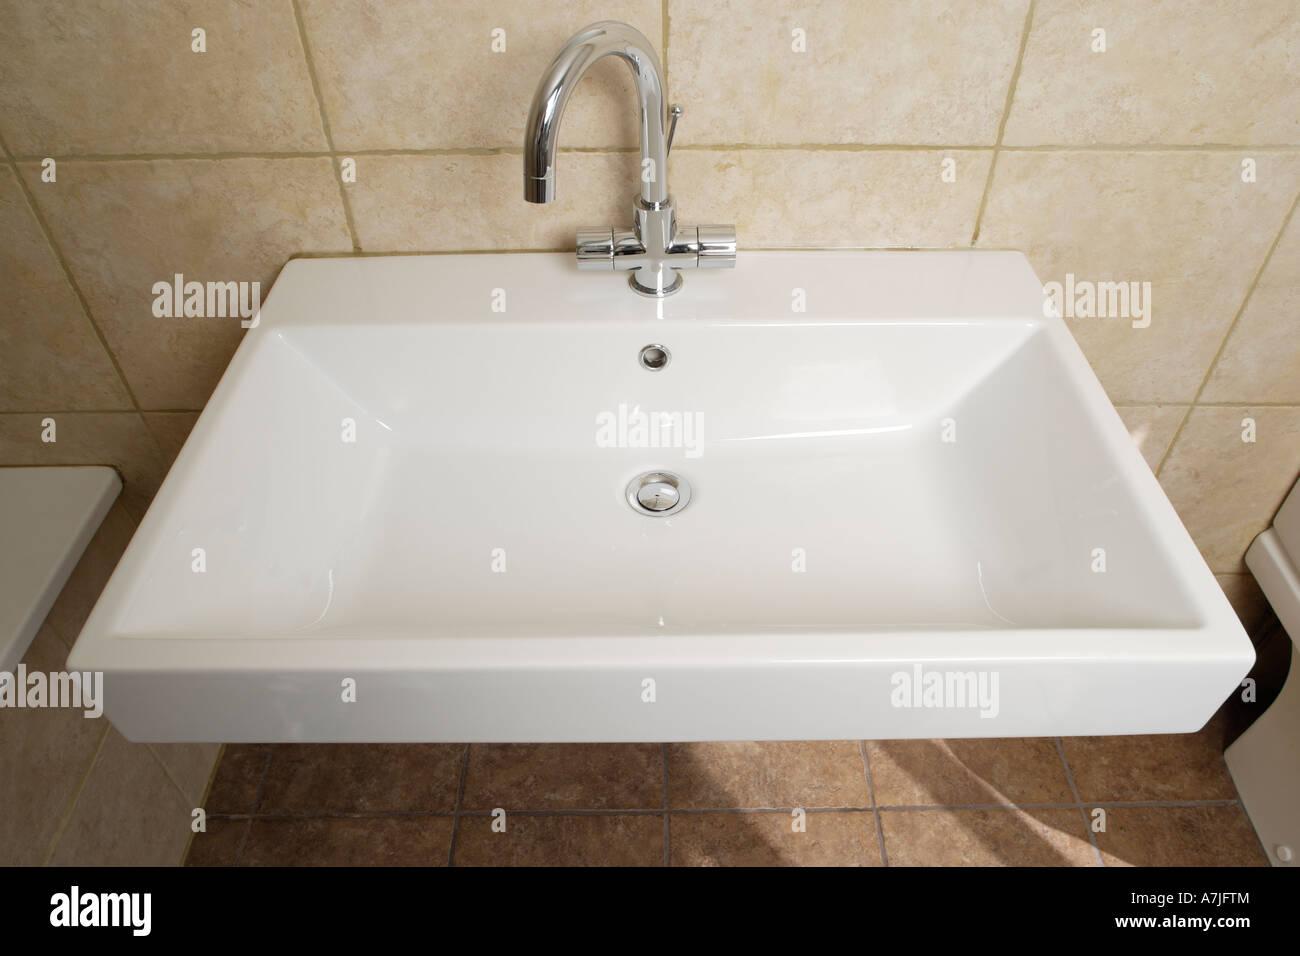 moderne Waschbecken im Bad Stockfoto, Bild: 11853139 - Alamy